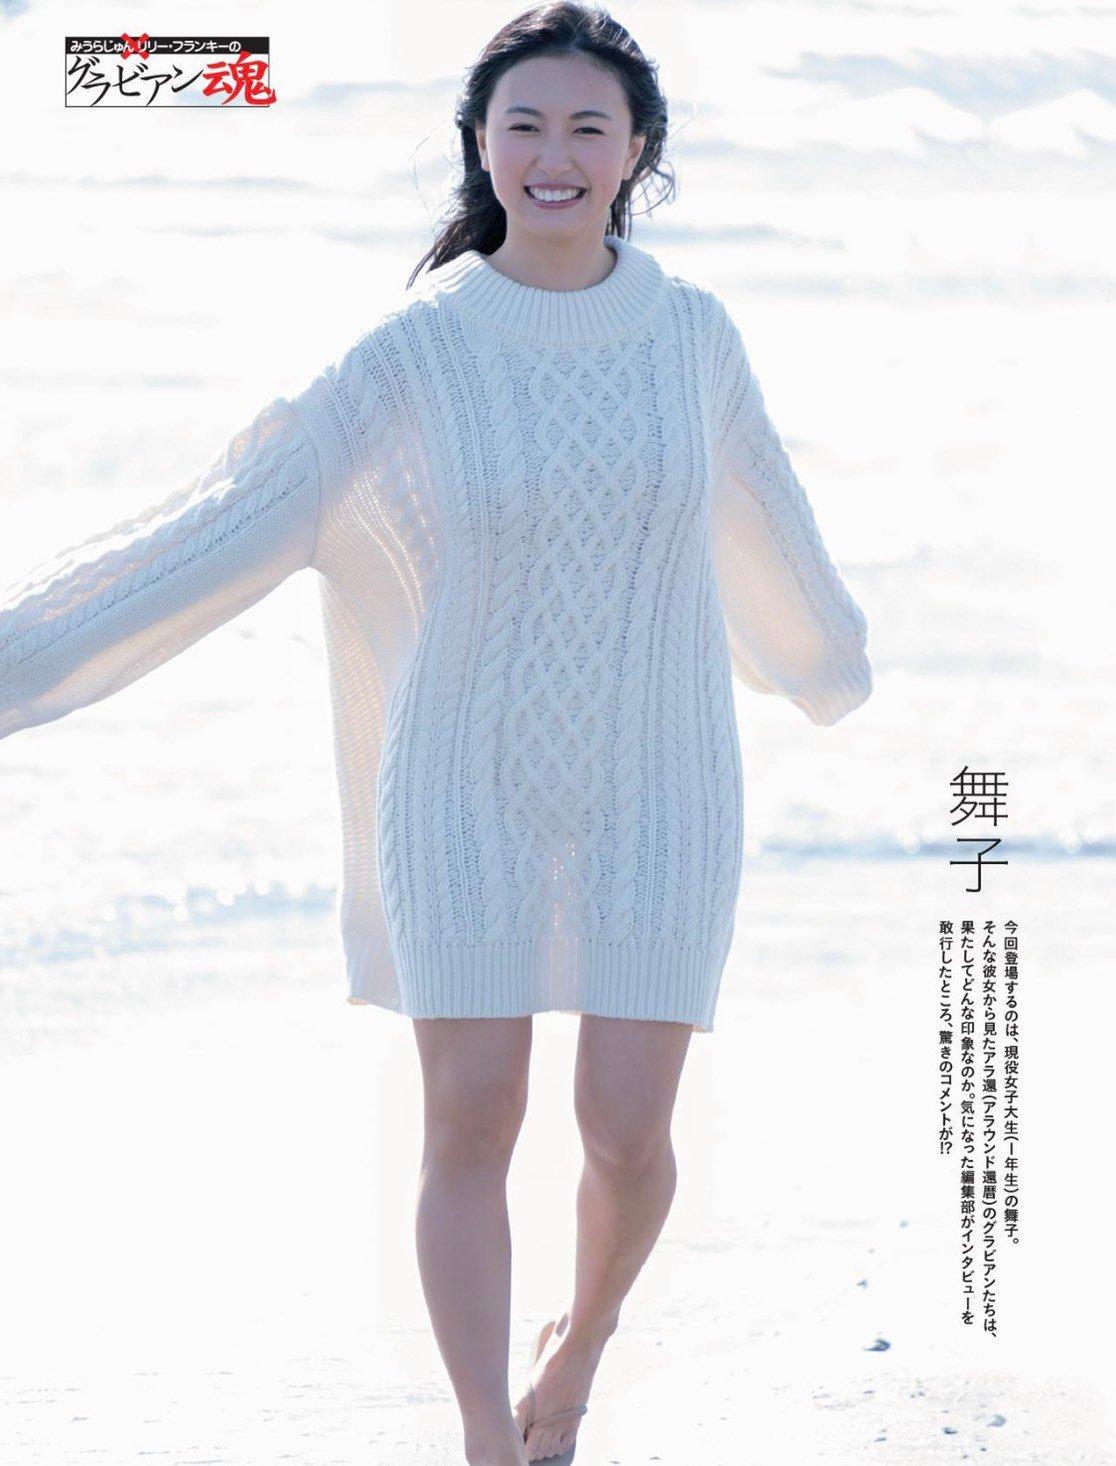 熊本美少女[舞子]昭和感好迷人写真带有复古的青春回忆 养眼图片 第6张